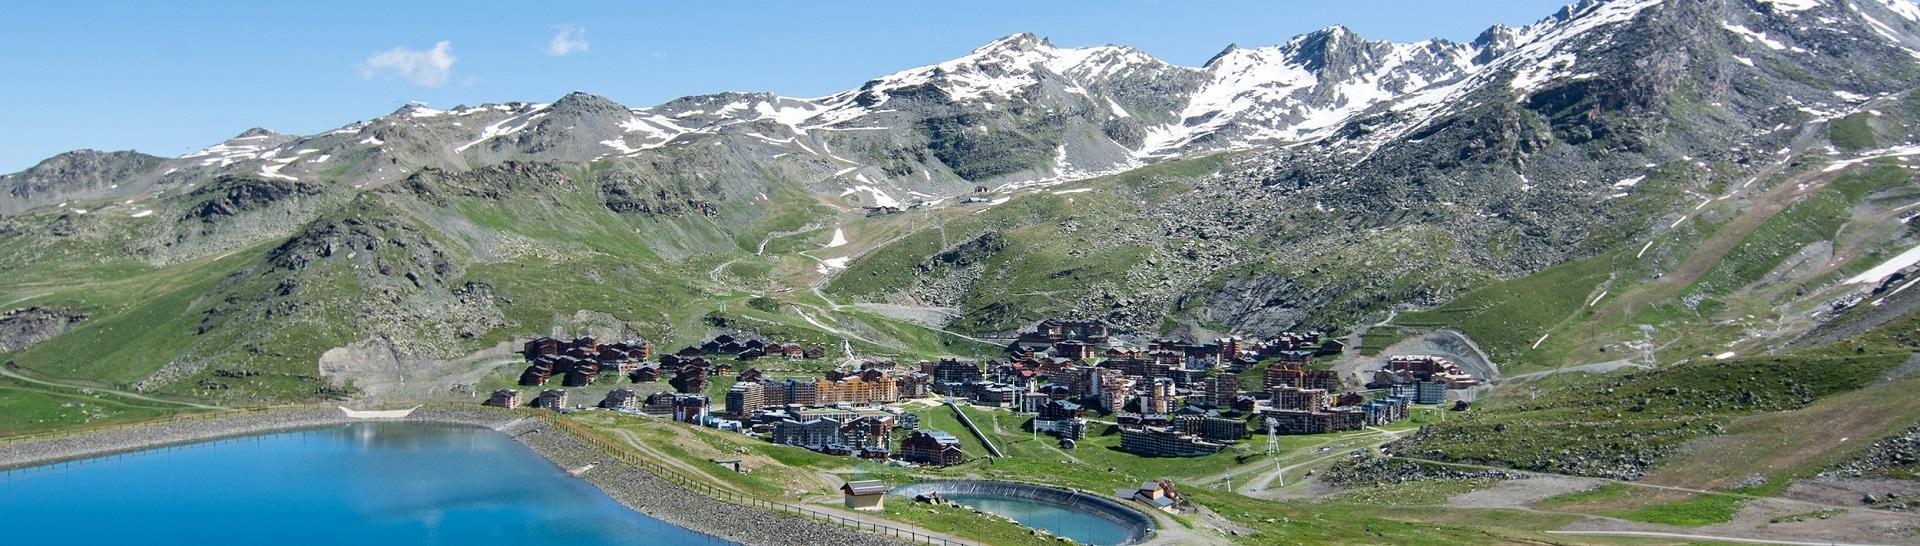 le-hameau-du-kashmir-by montagnetes-seminaires-de-caractere